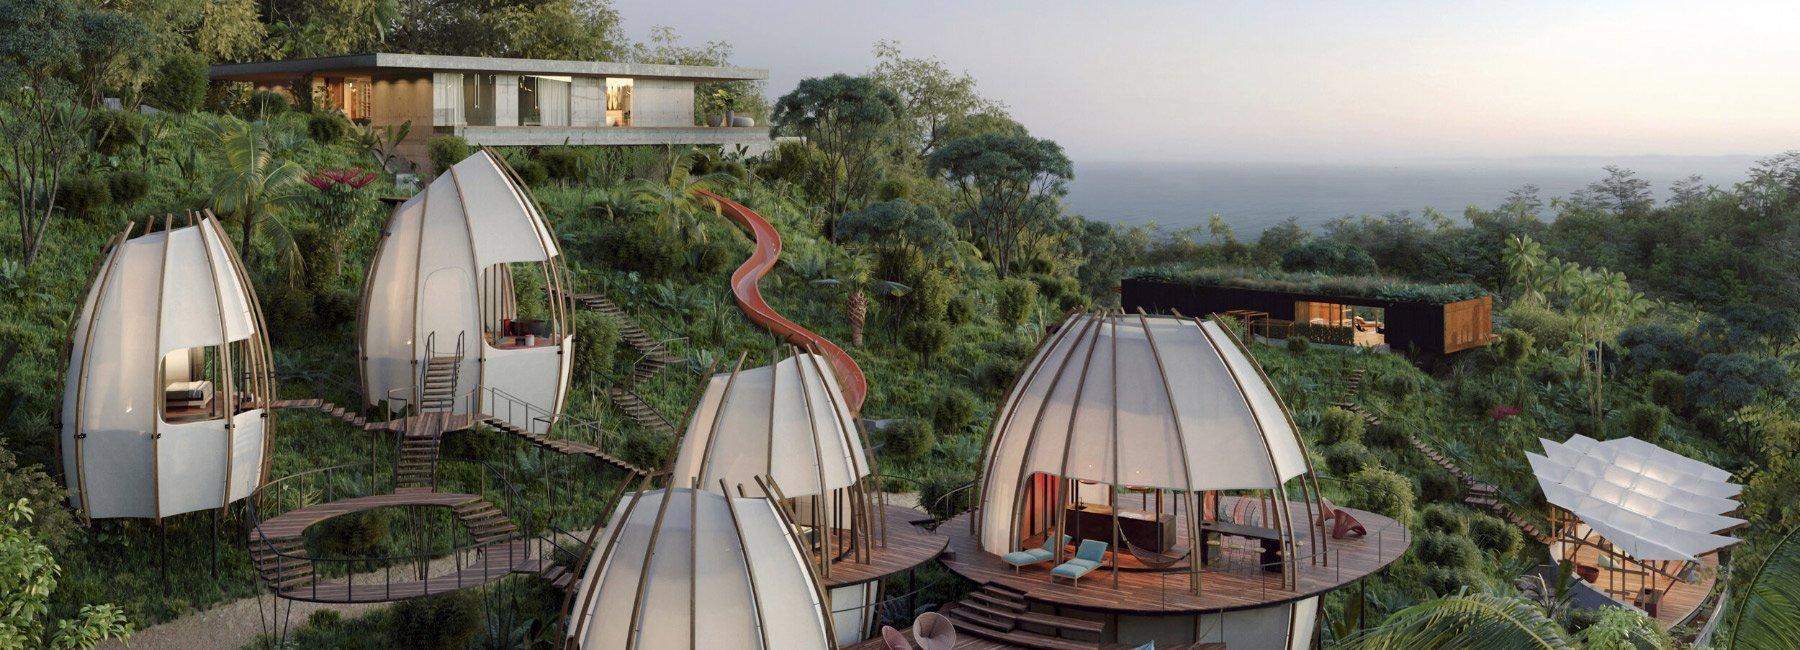 ویلاهای هنری در کاستاریکا با پوسته ی بیرونی مخروطی شکل